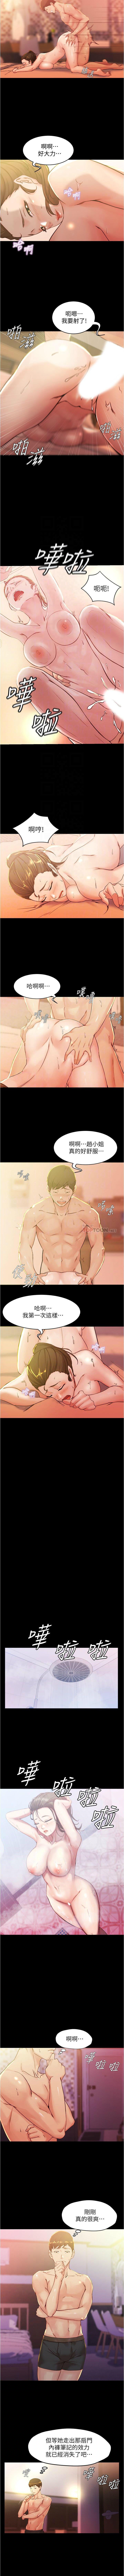 panty note 小褲褲筆記 小裤裤笔记 01-35 连载中 中文 重新排序 Reorder 187